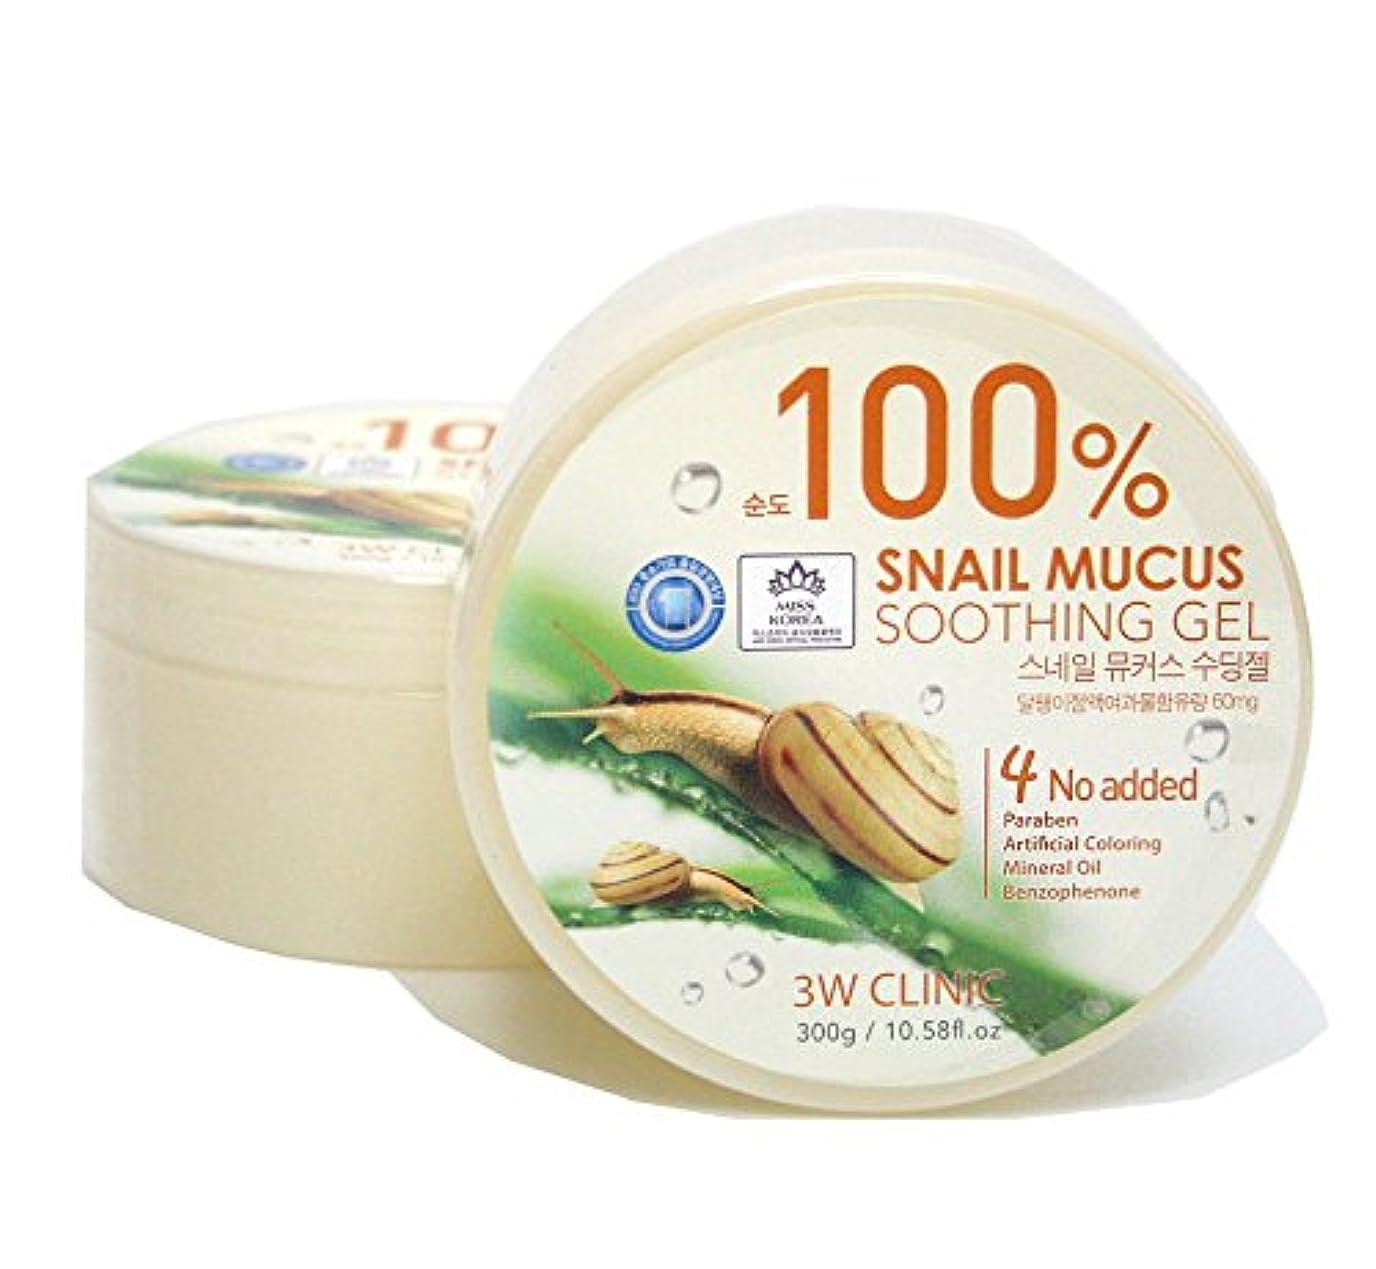 司法インゲン波[3W CLINIC] カタツムリ粘液スージングジェル300g / Snail Mucus Soothing Gel 300g / 水分/オールスキンタイプ / Moisture / fresh and smooth /...